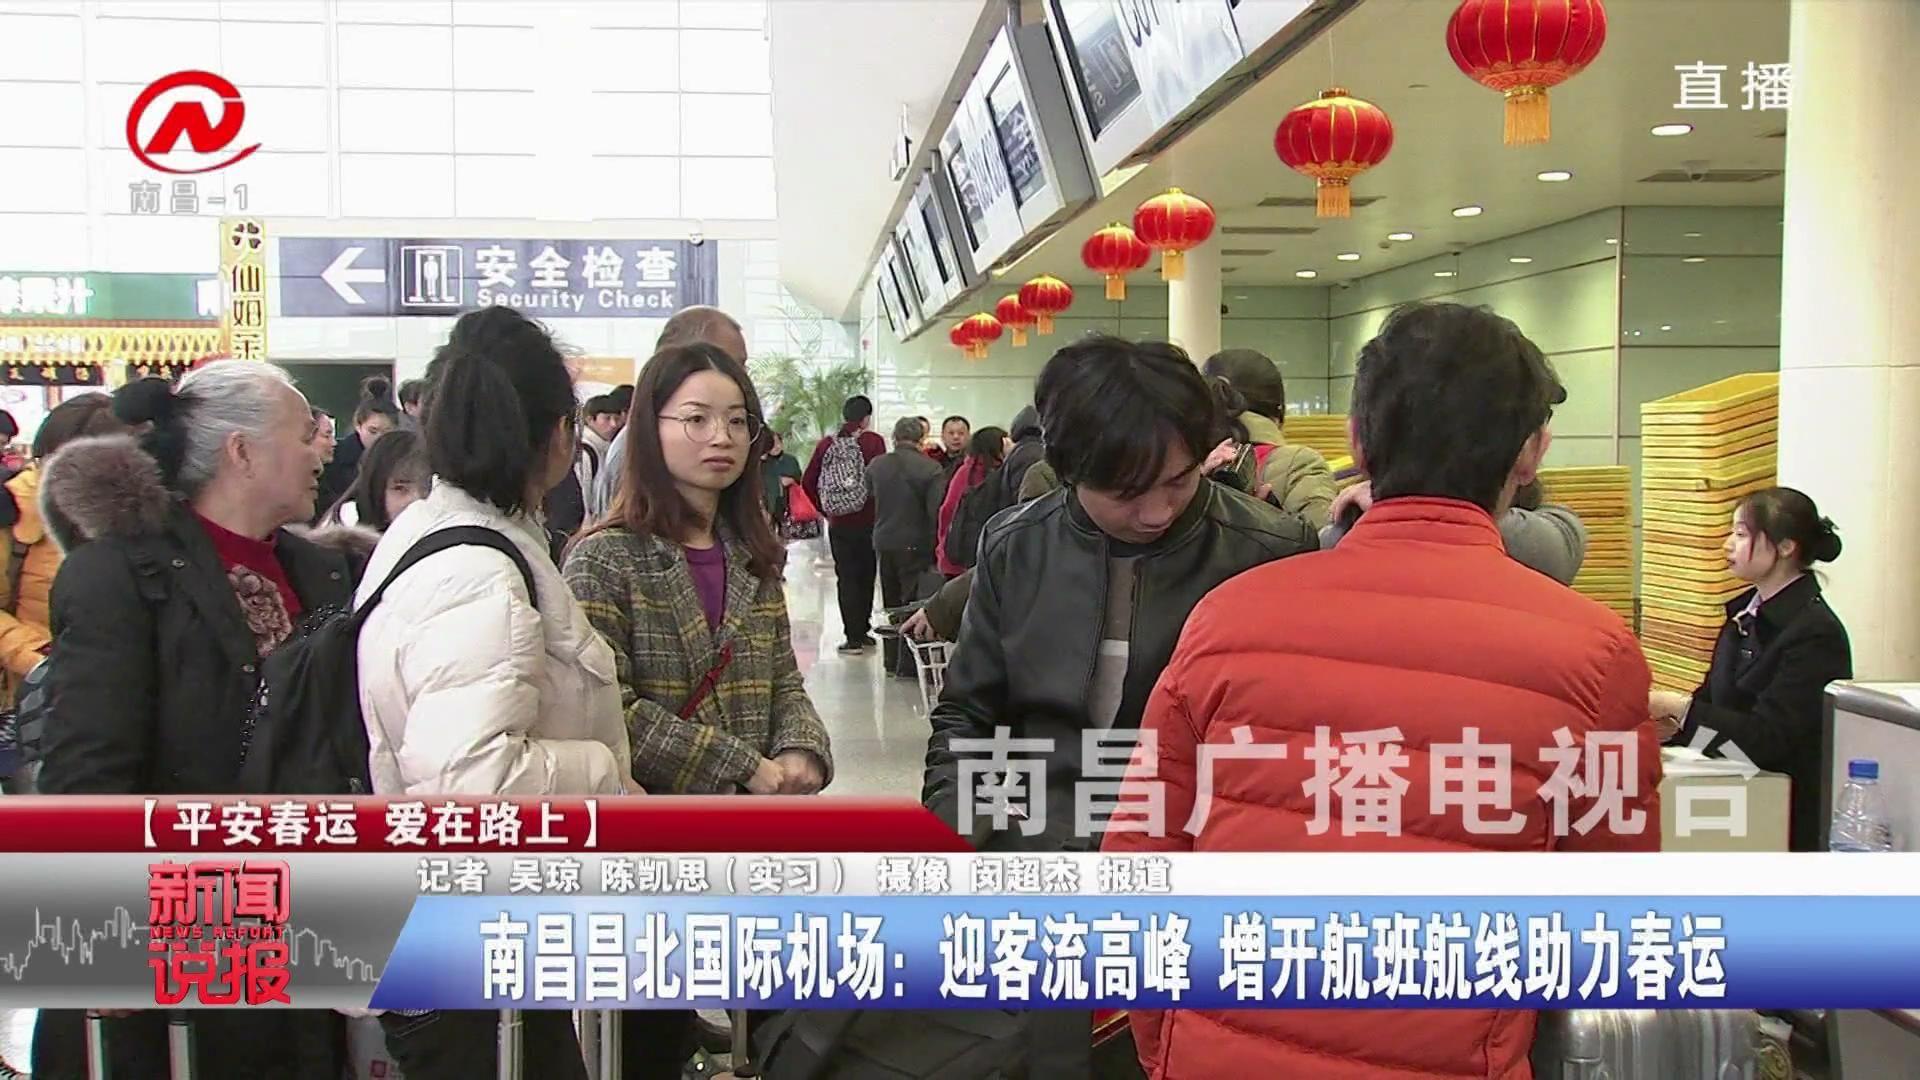 南昌昌北国际机场:迎客流高峰 增开航班航线助力春运